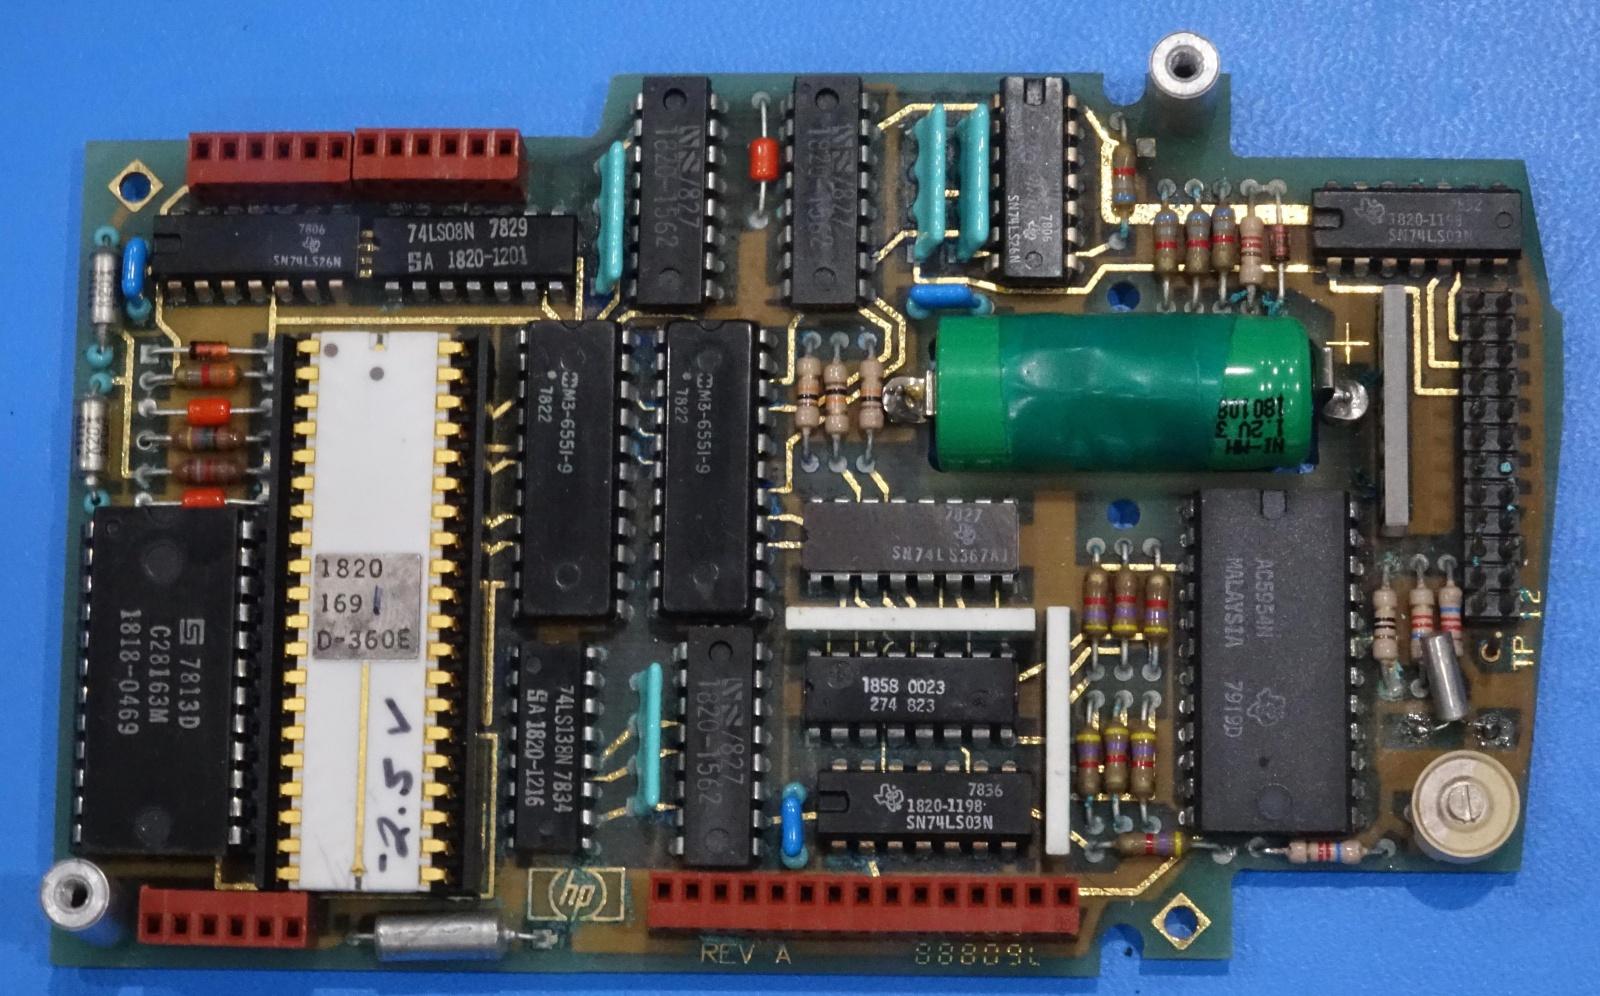 Внутренности HP Nanoprocessor: высокоскоростной процессор, не умеющий складывать - 16